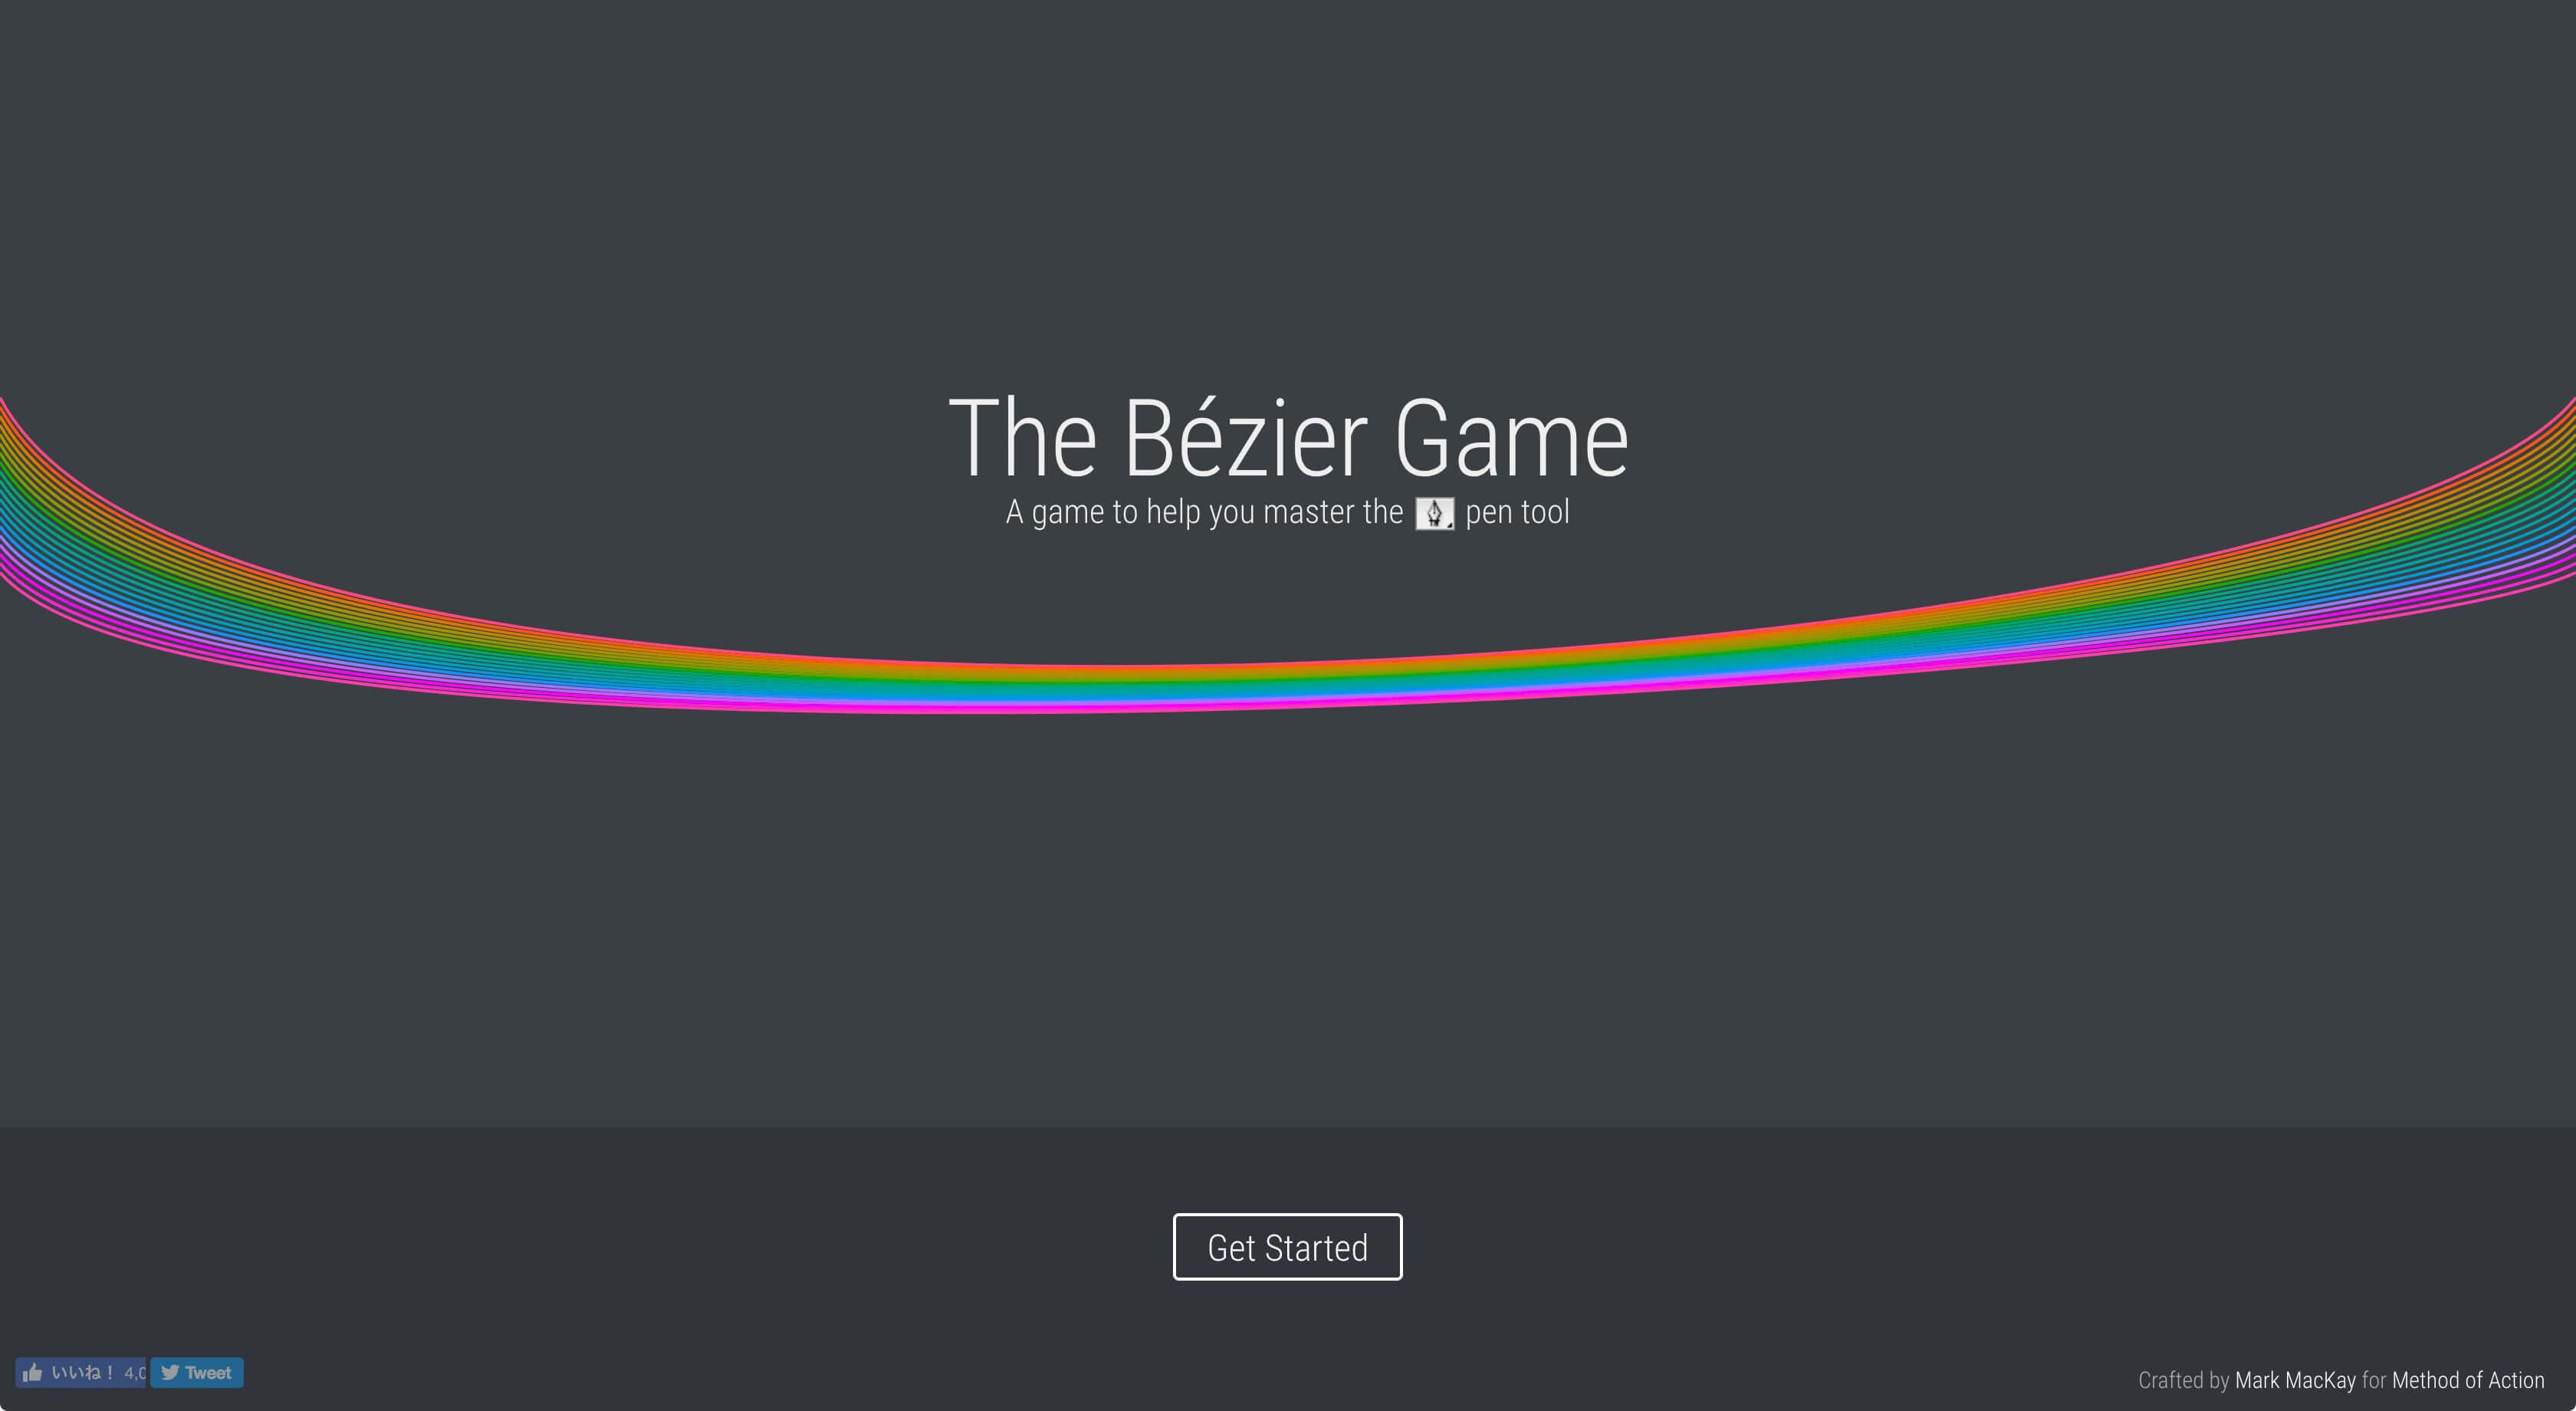 遊びながら「ベジェ曲線」を覚えられるサイト:The Bézier Game